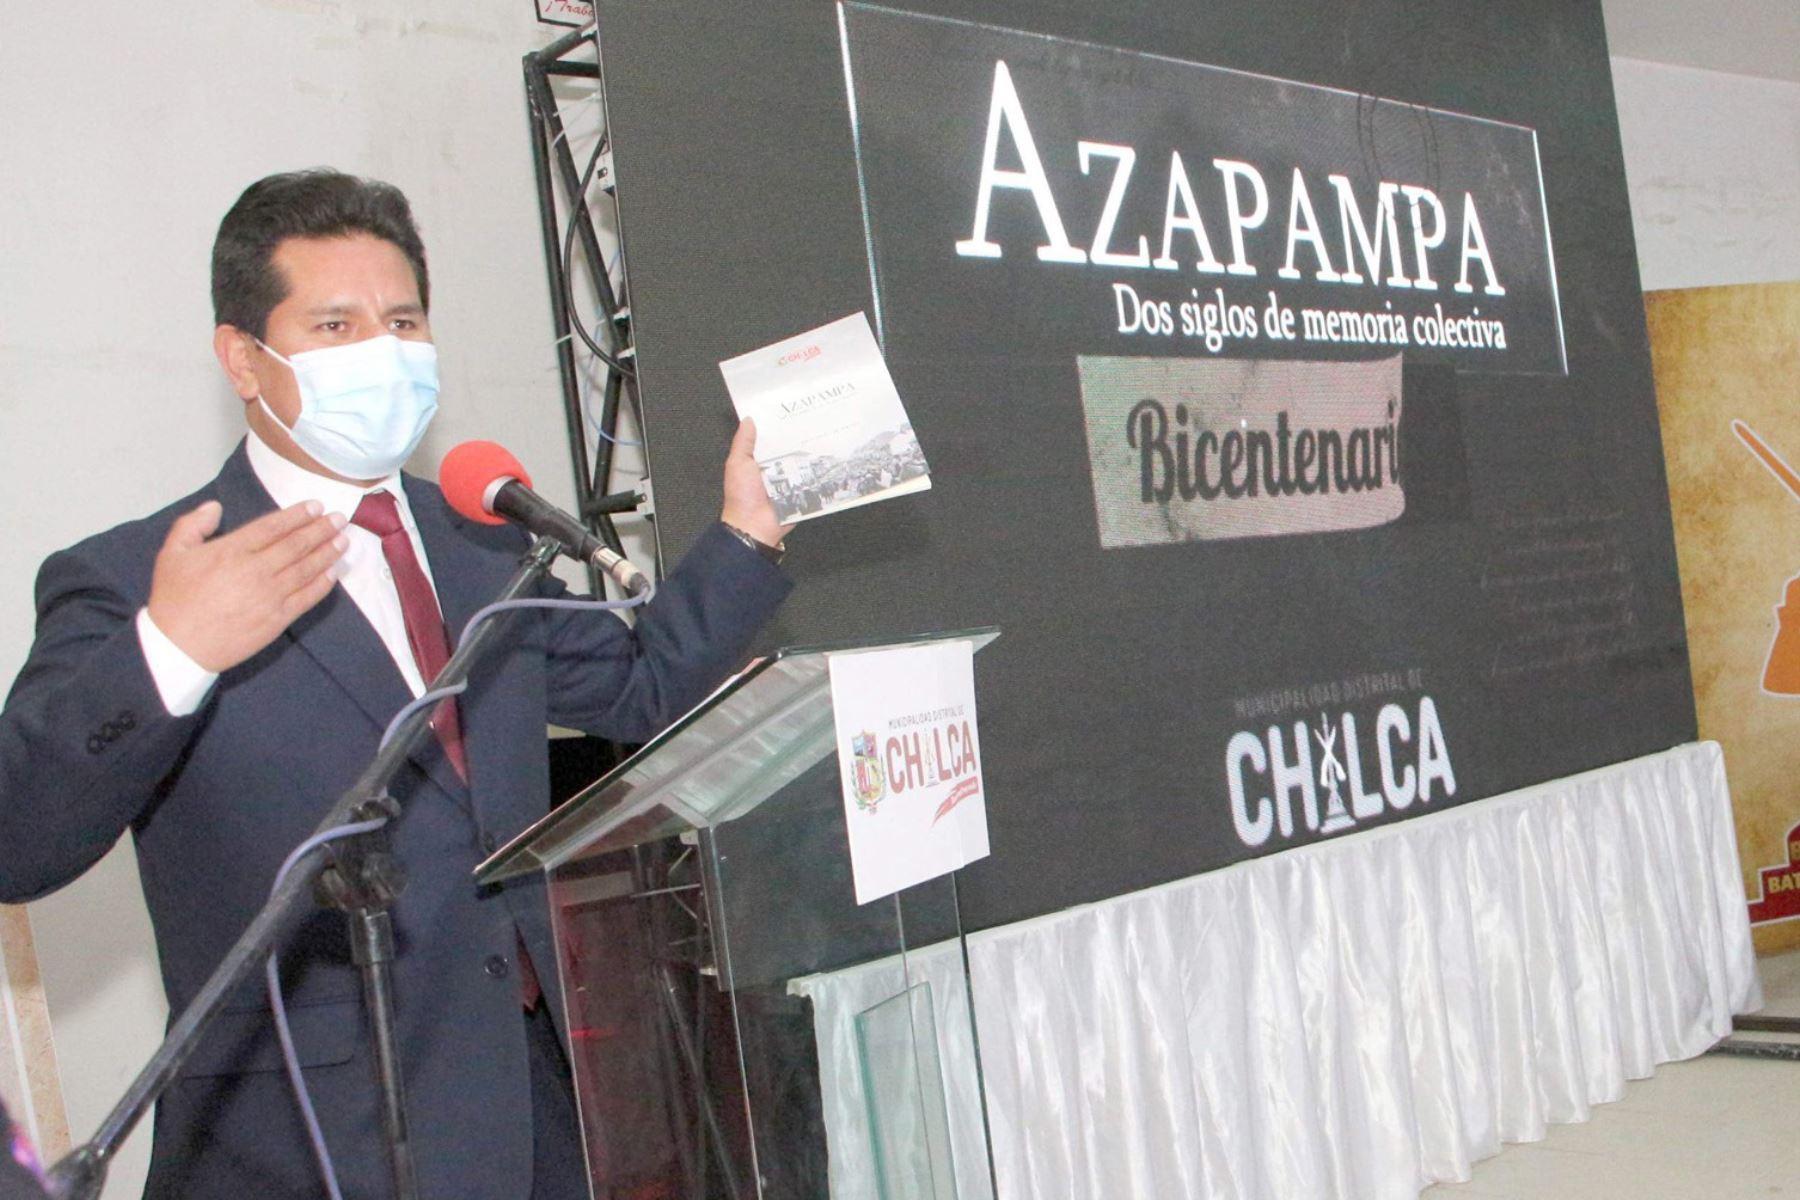 """El libro """"Azapampa: dos siglos de memoria colectiva - edición Bicentenario"""" consta de más de 200 páginas. Foto: ANDINA/Cortesía Pedro Tinoco"""